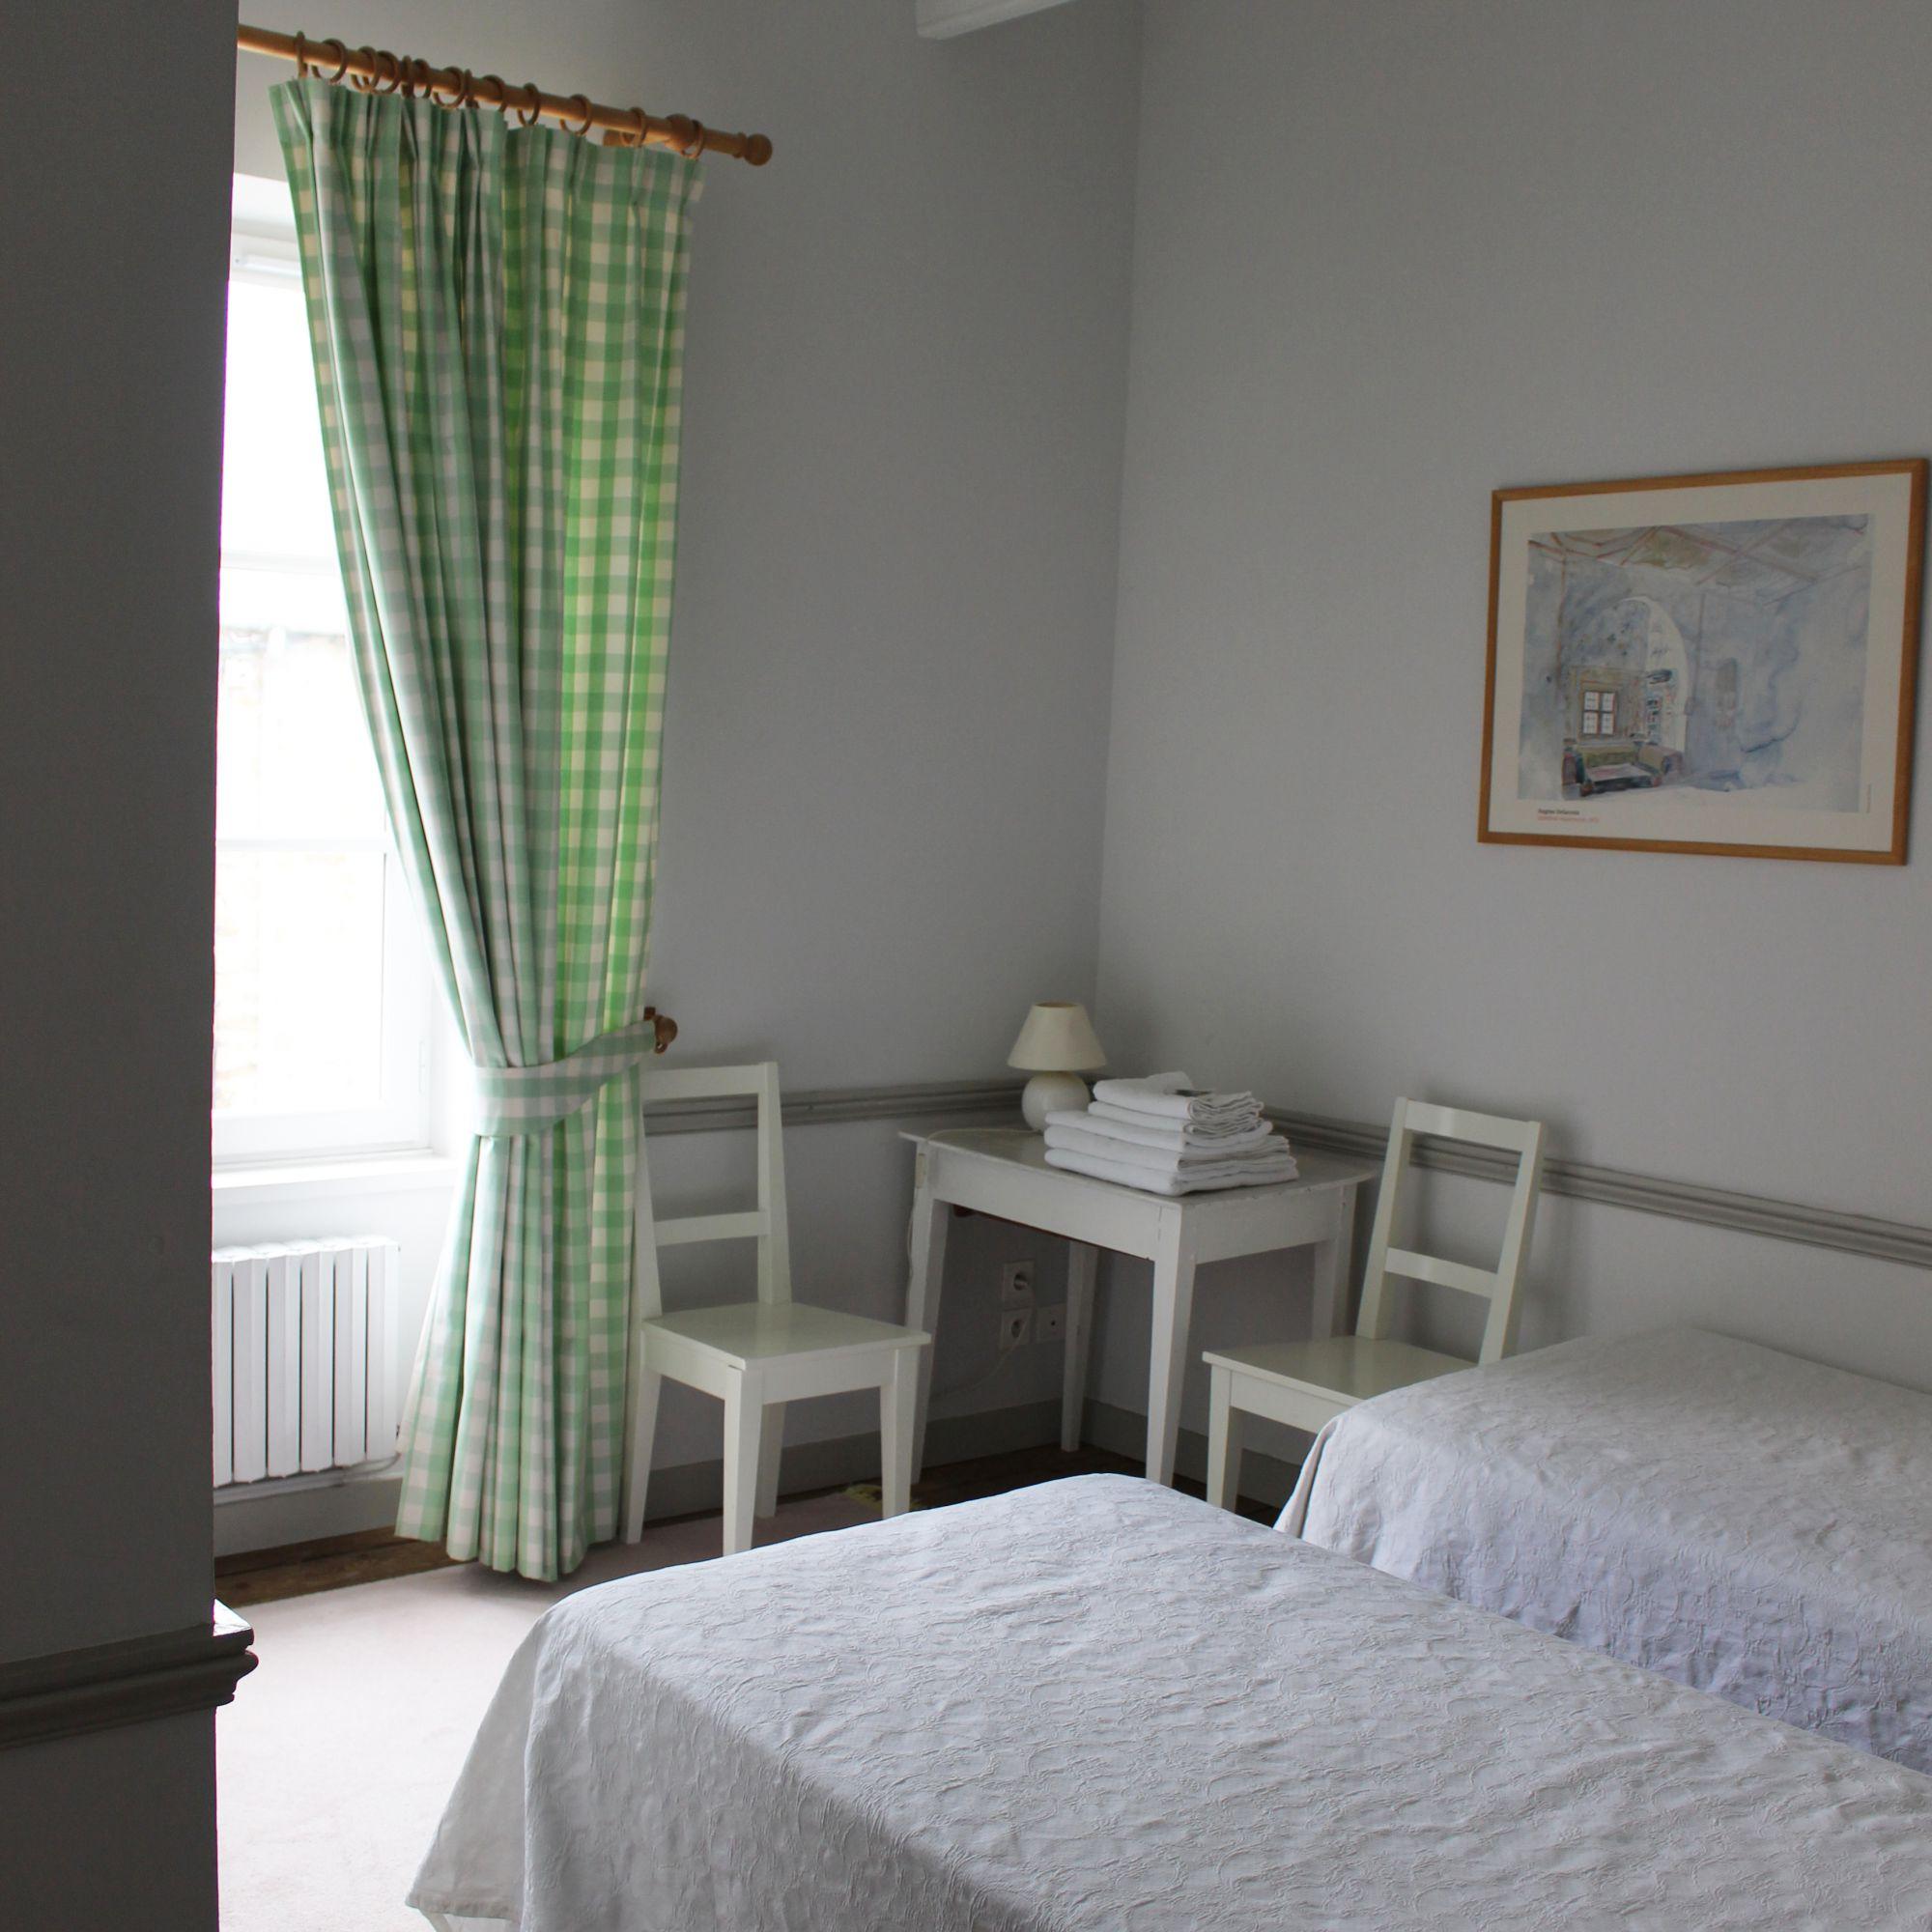 chambre verte les mouettes saint suliac chambres d h tes les mouettes saint suliac. Black Bedroom Furniture Sets. Home Design Ideas